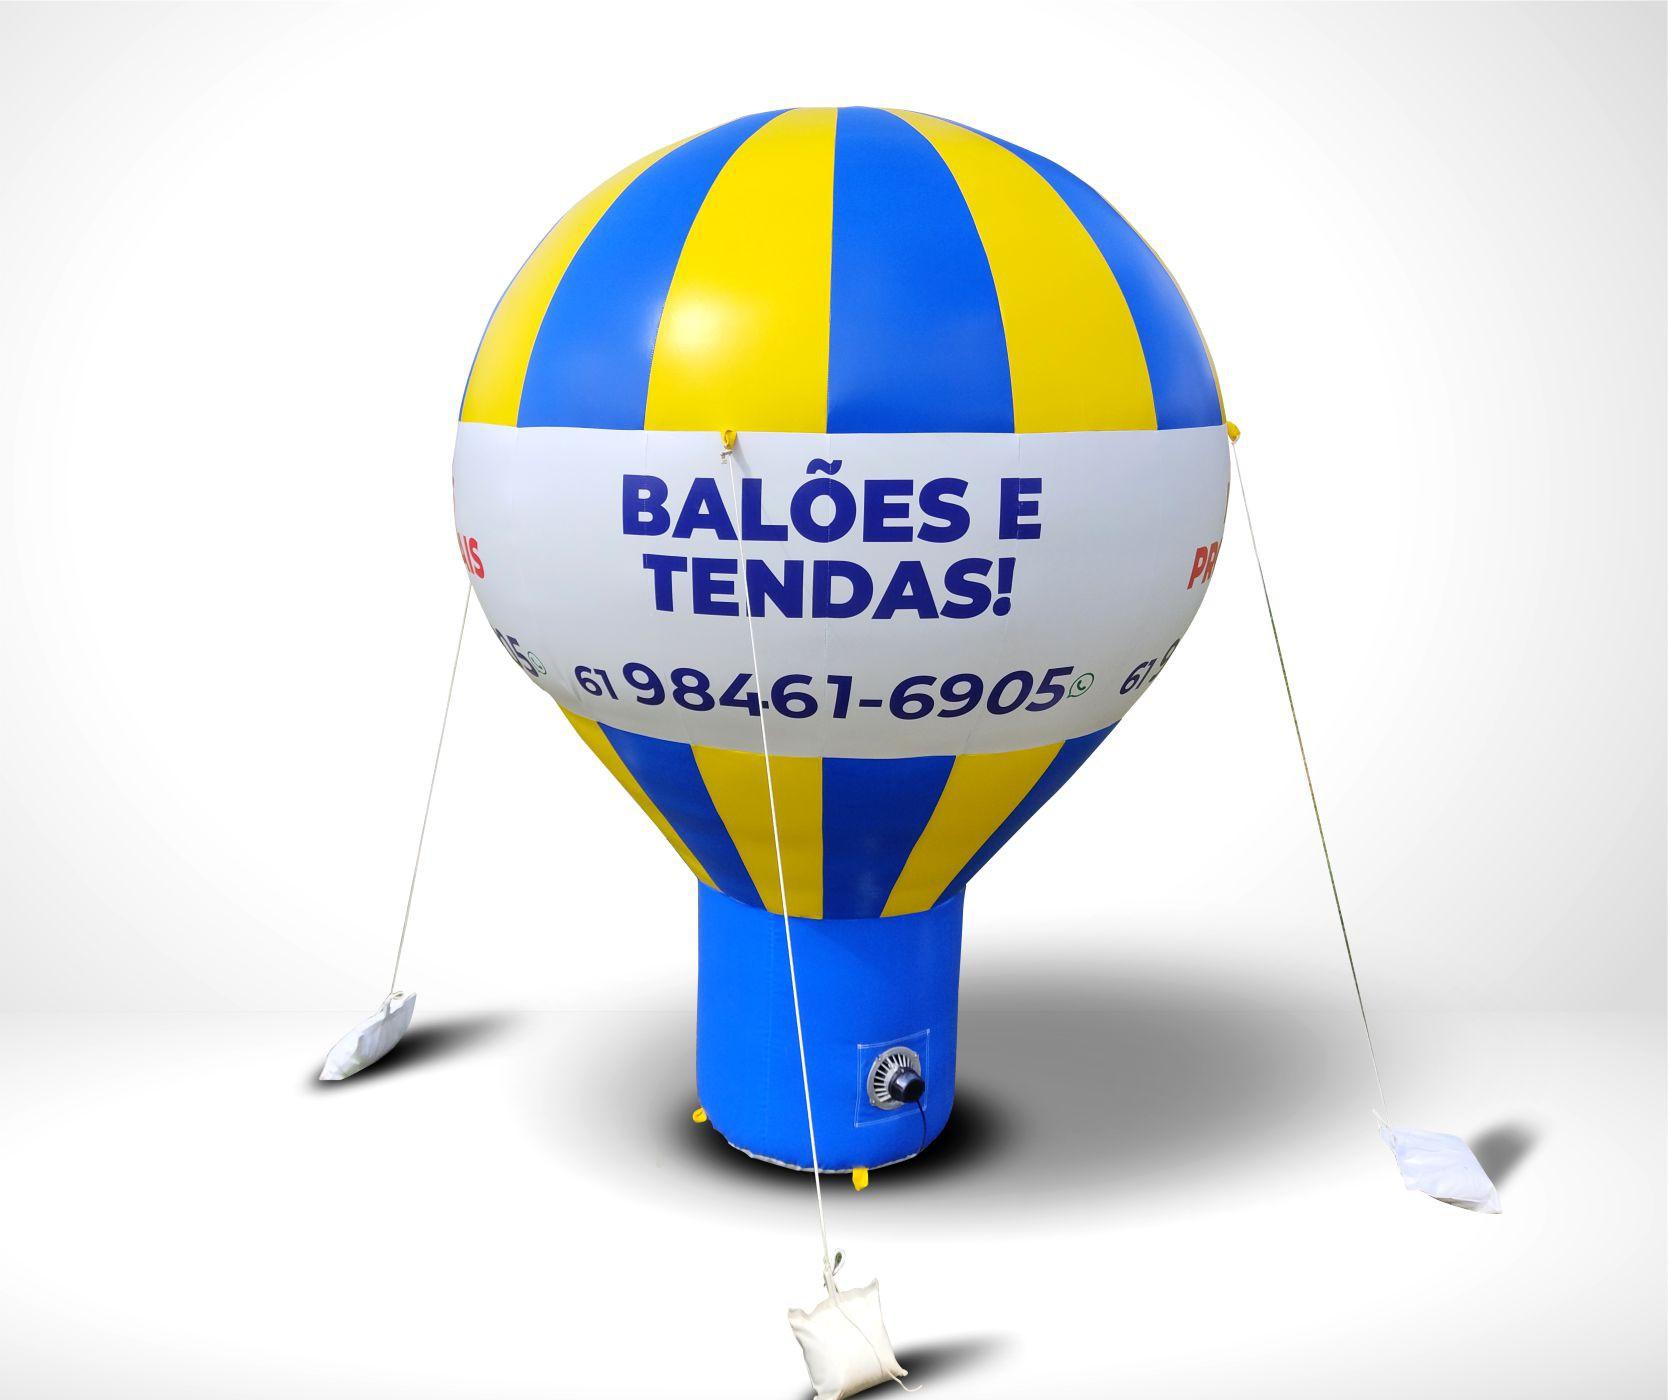 Balão Inflável Promocional - 3 MT -  Personalizado c/ 4 Faces